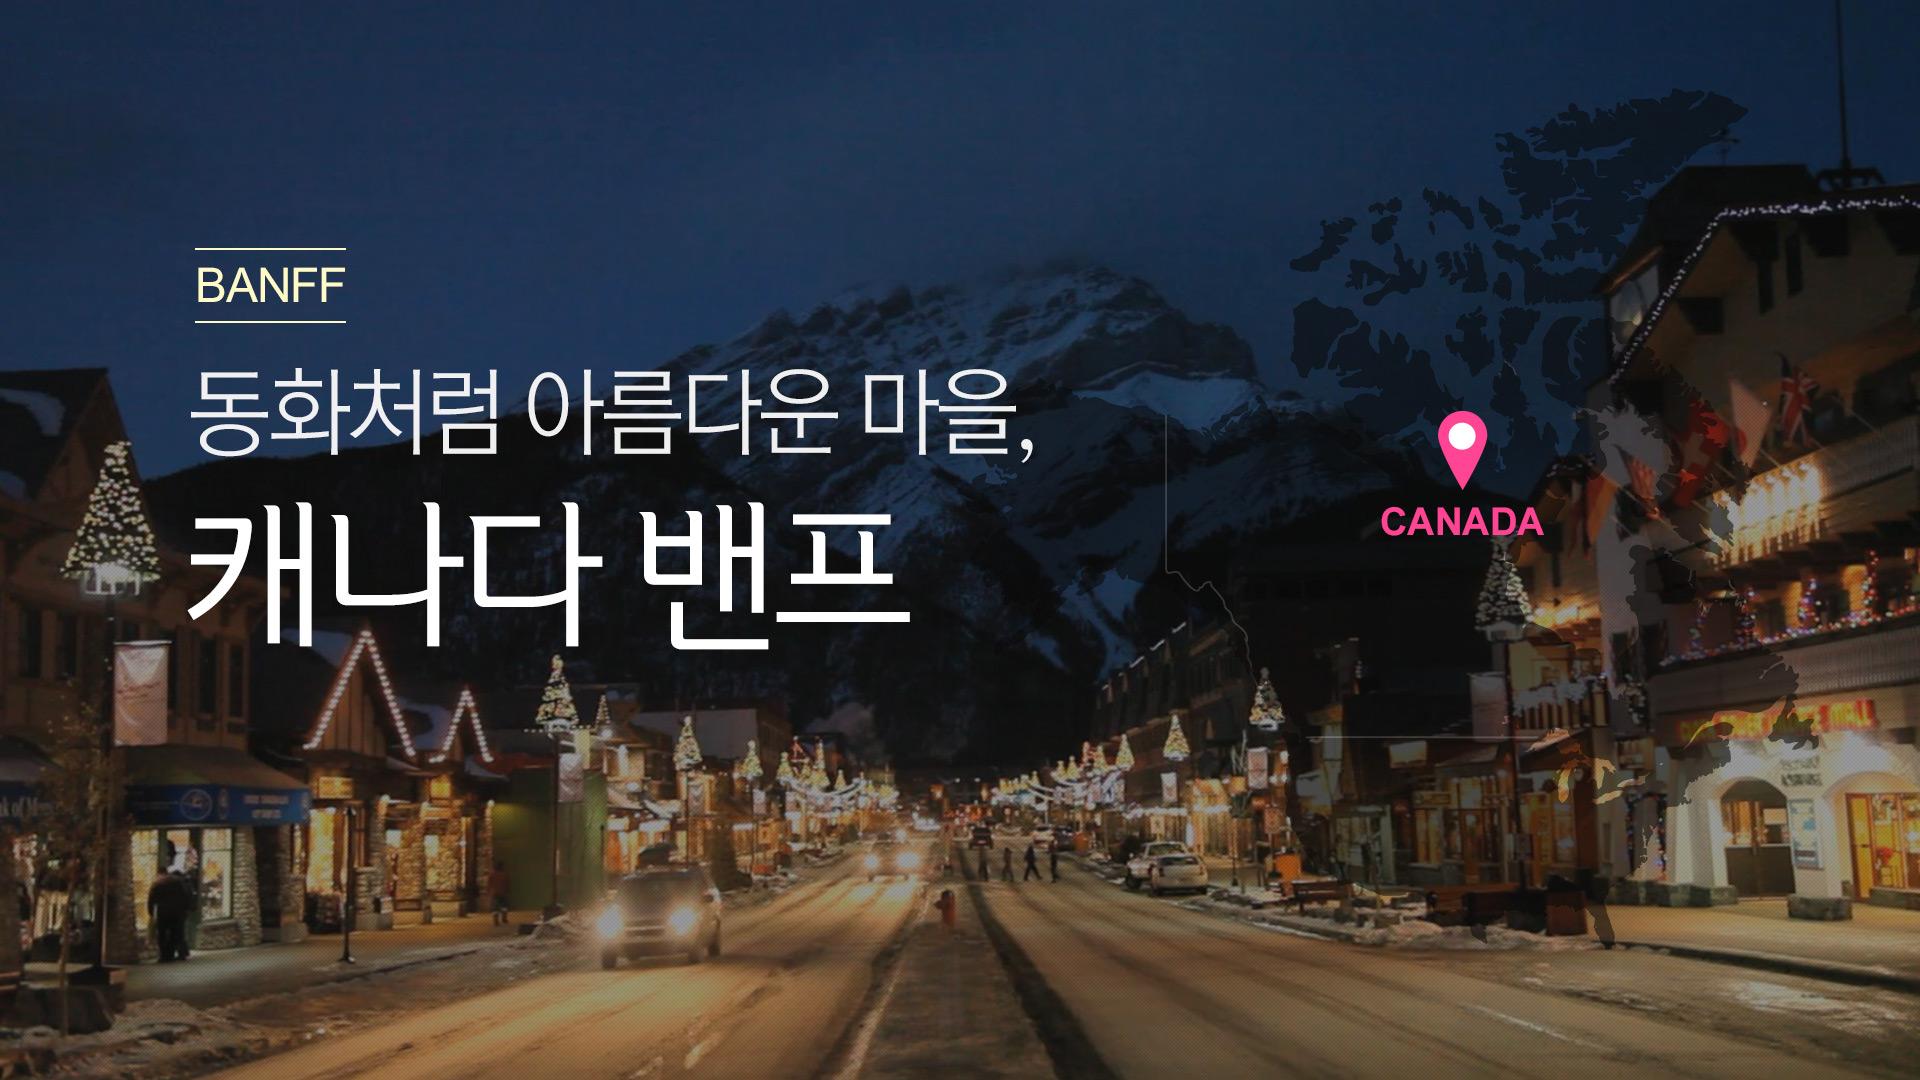 [캐나다] 동화 같이 아름다운 마을 밴프